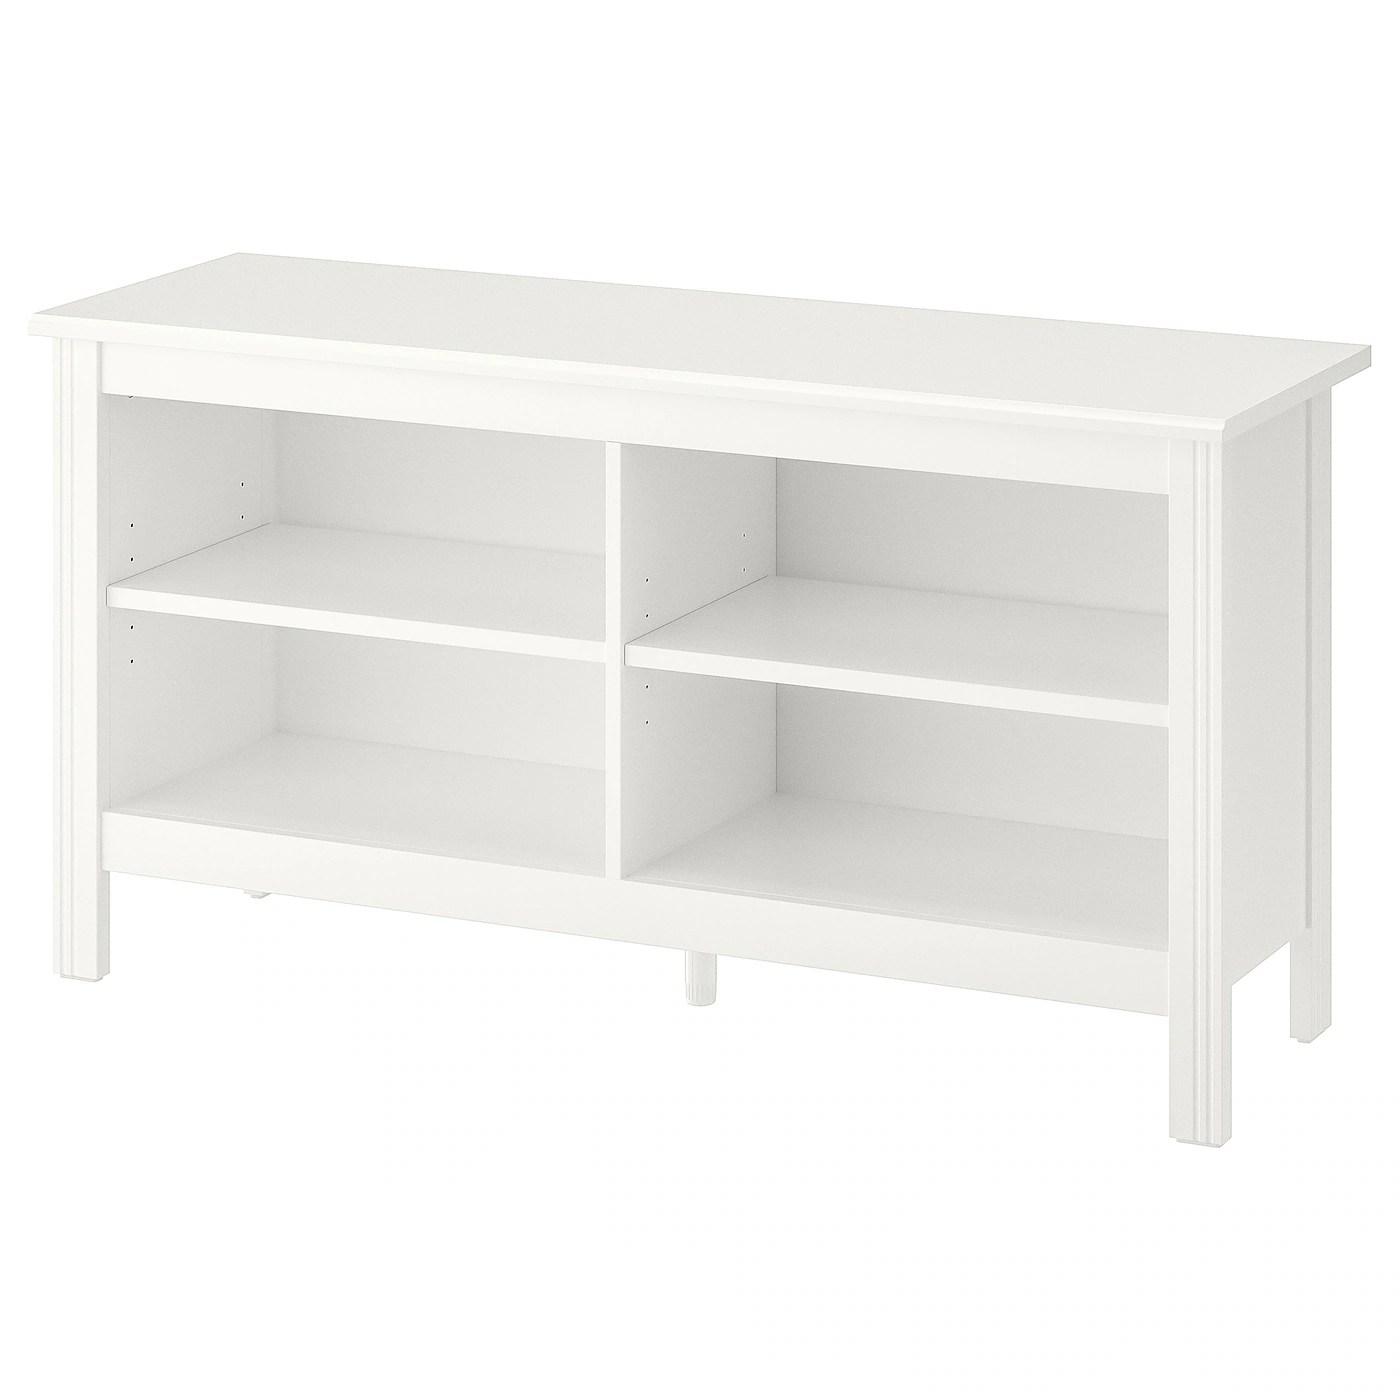 brusali banc tv blanc 120x36x62 cm